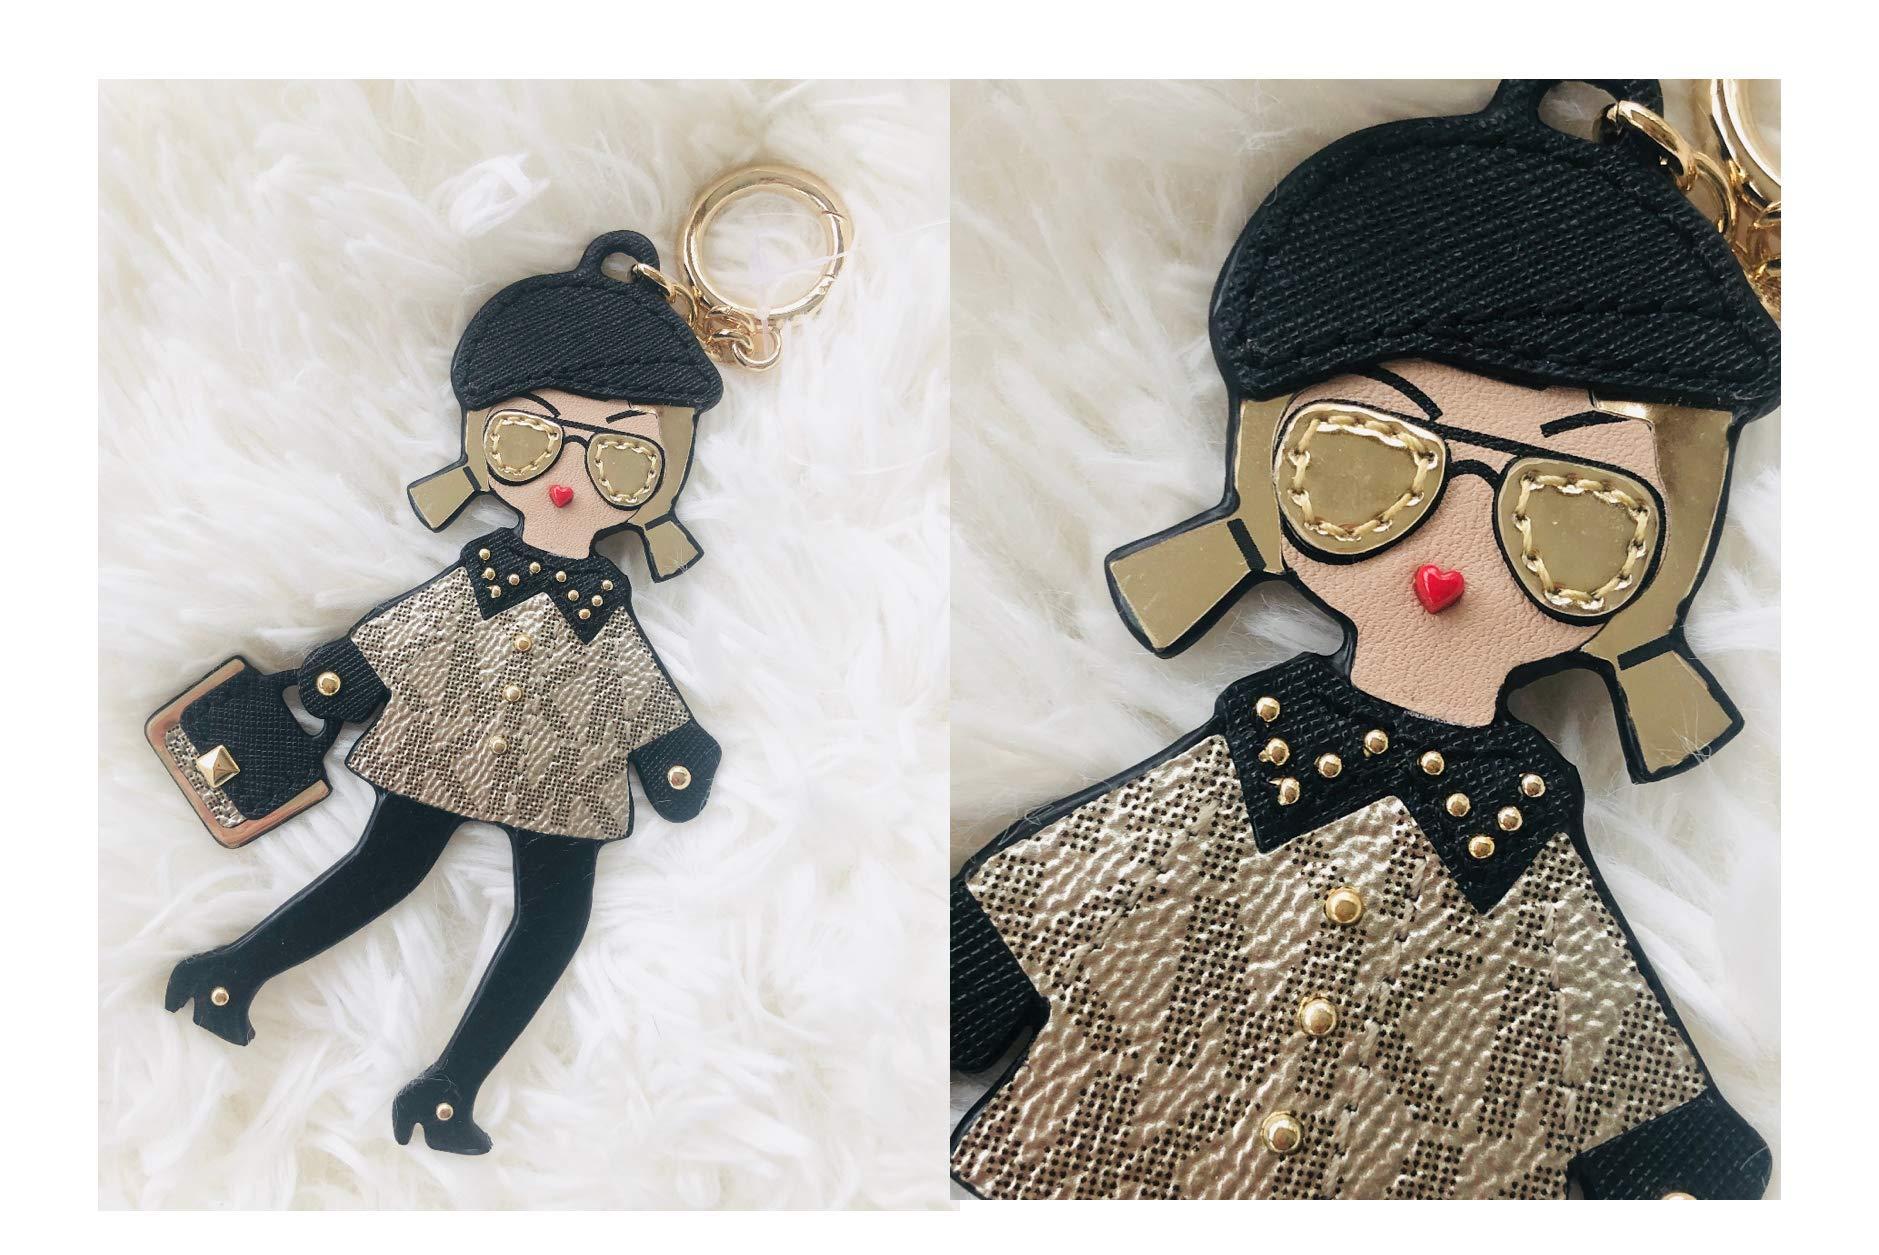 Michael Kors Girl Keychain Key Fob Bag Charm